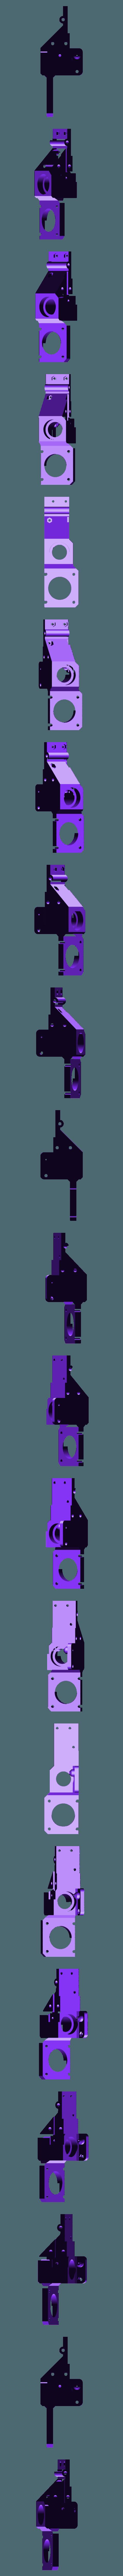 main_body.stl Télécharger fichier STL gratuit Extrudeuse à engrenages • Modèle pour impression 3D, Job